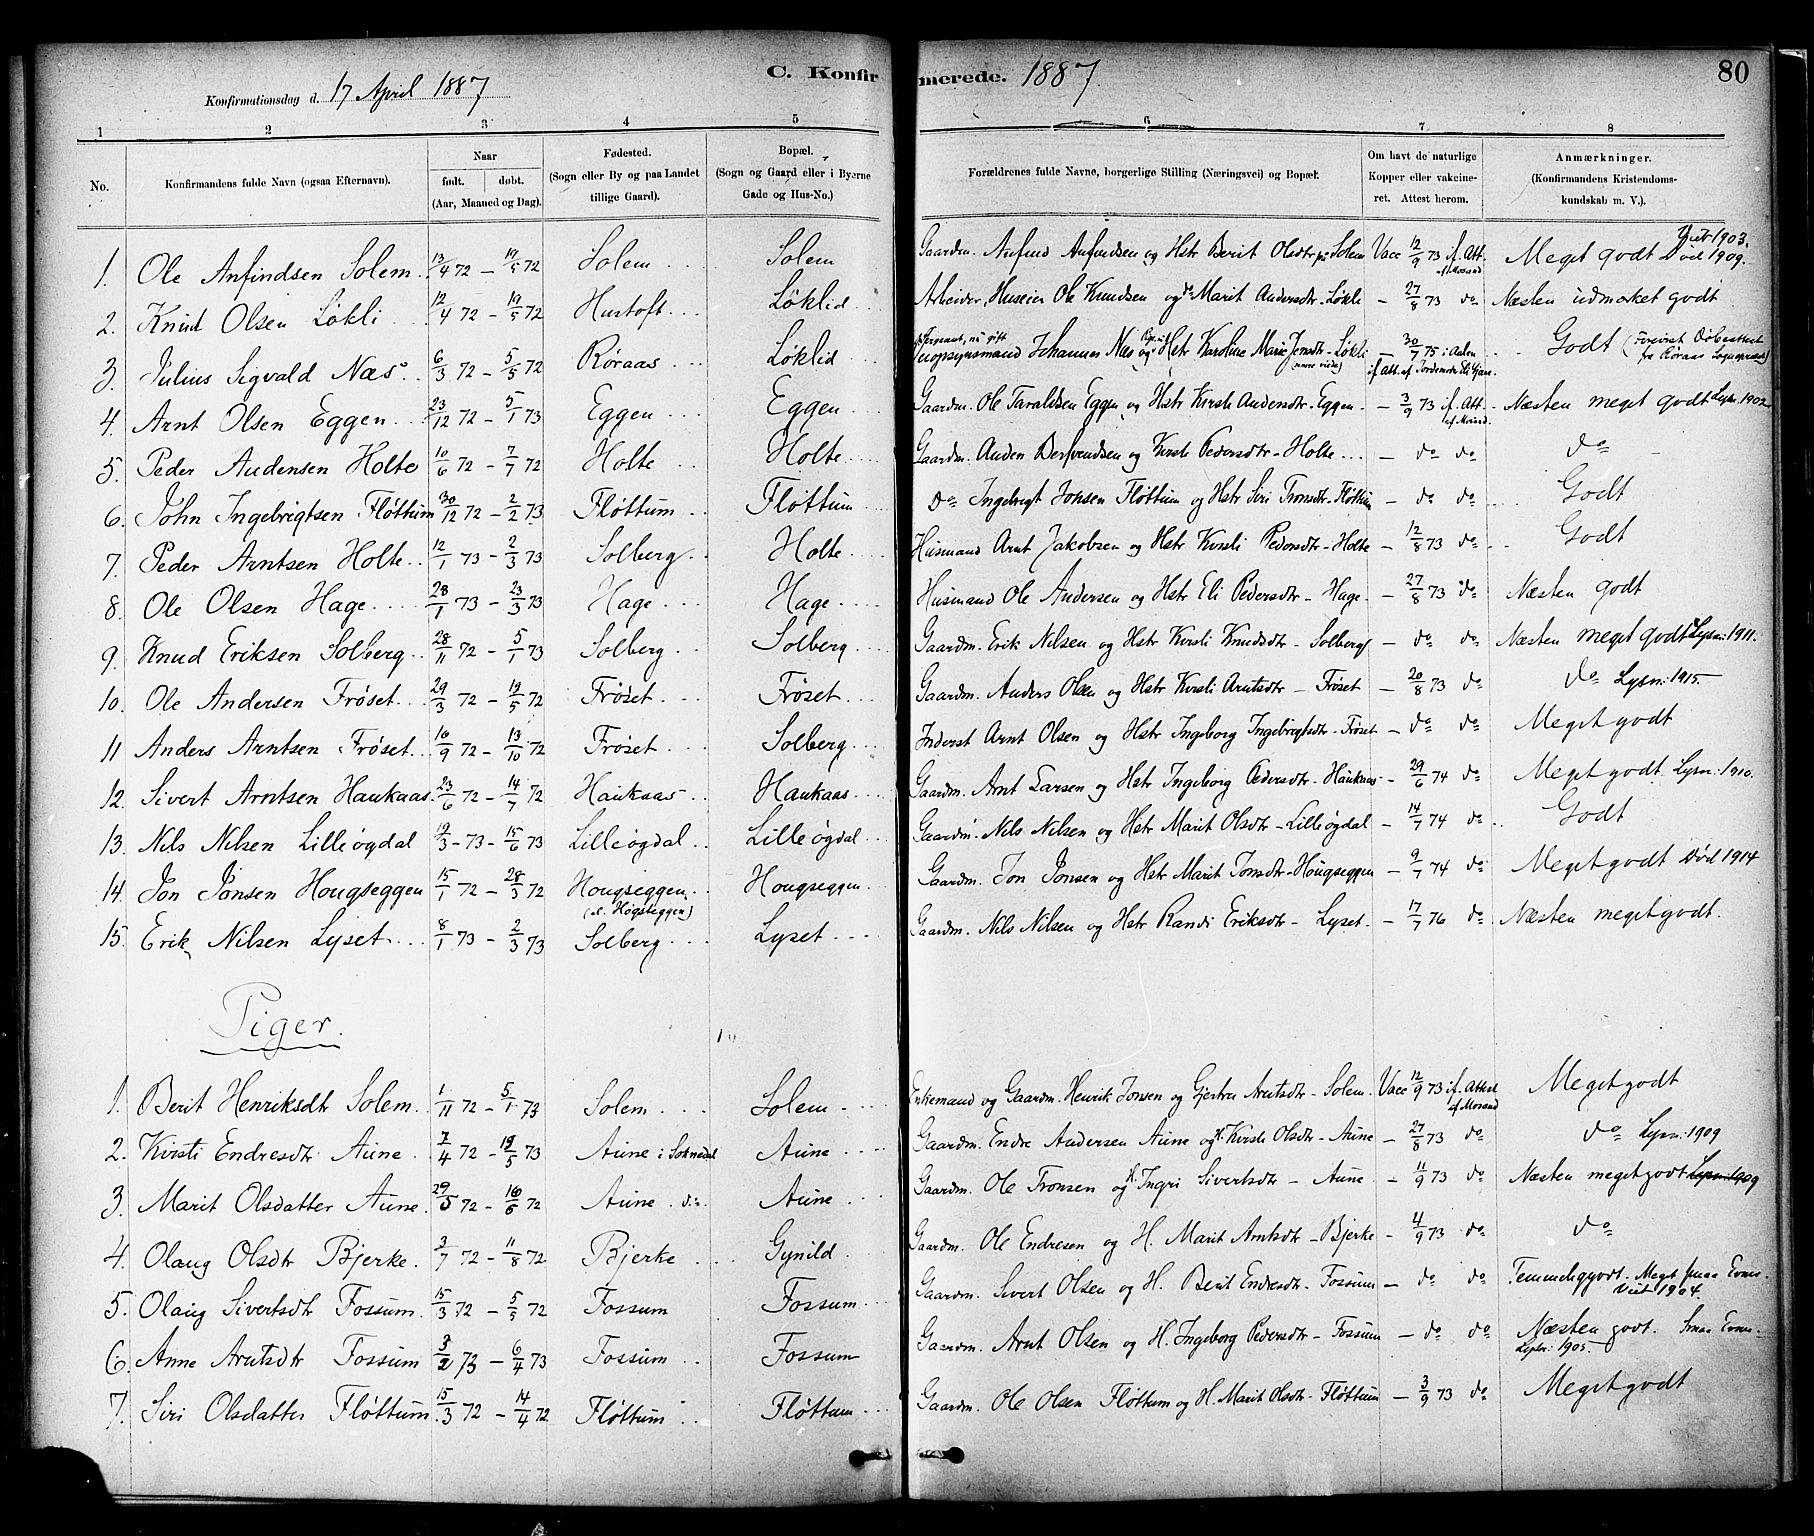 SAT, Ministerialprotokoller, klokkerbøker og fødselsregistre - Sør-Trøndelag, 689/L1040: Ministerialbok nr. 689A05, 1878-1890, s. 80